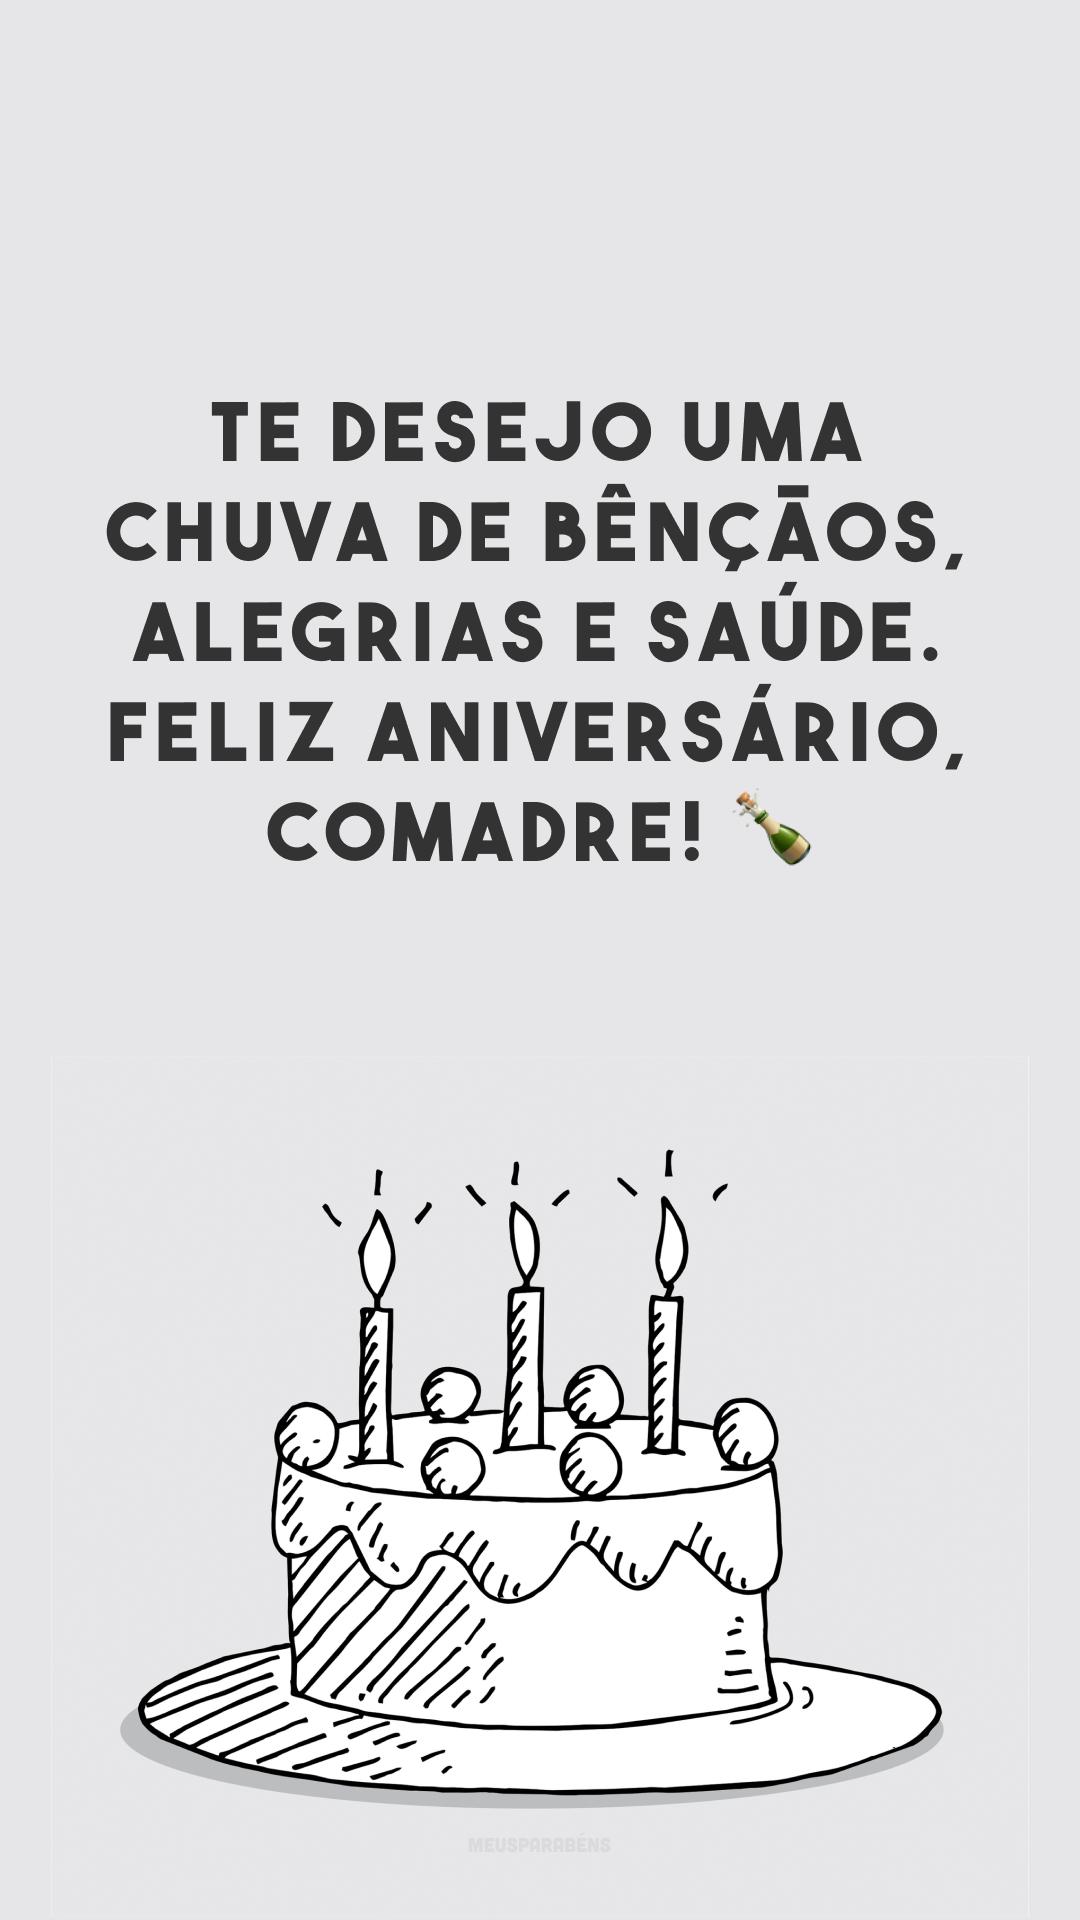 Te desejo uma chuva de bênçãos, alegrias e saúde. Feliz aniversário, comadre! ?